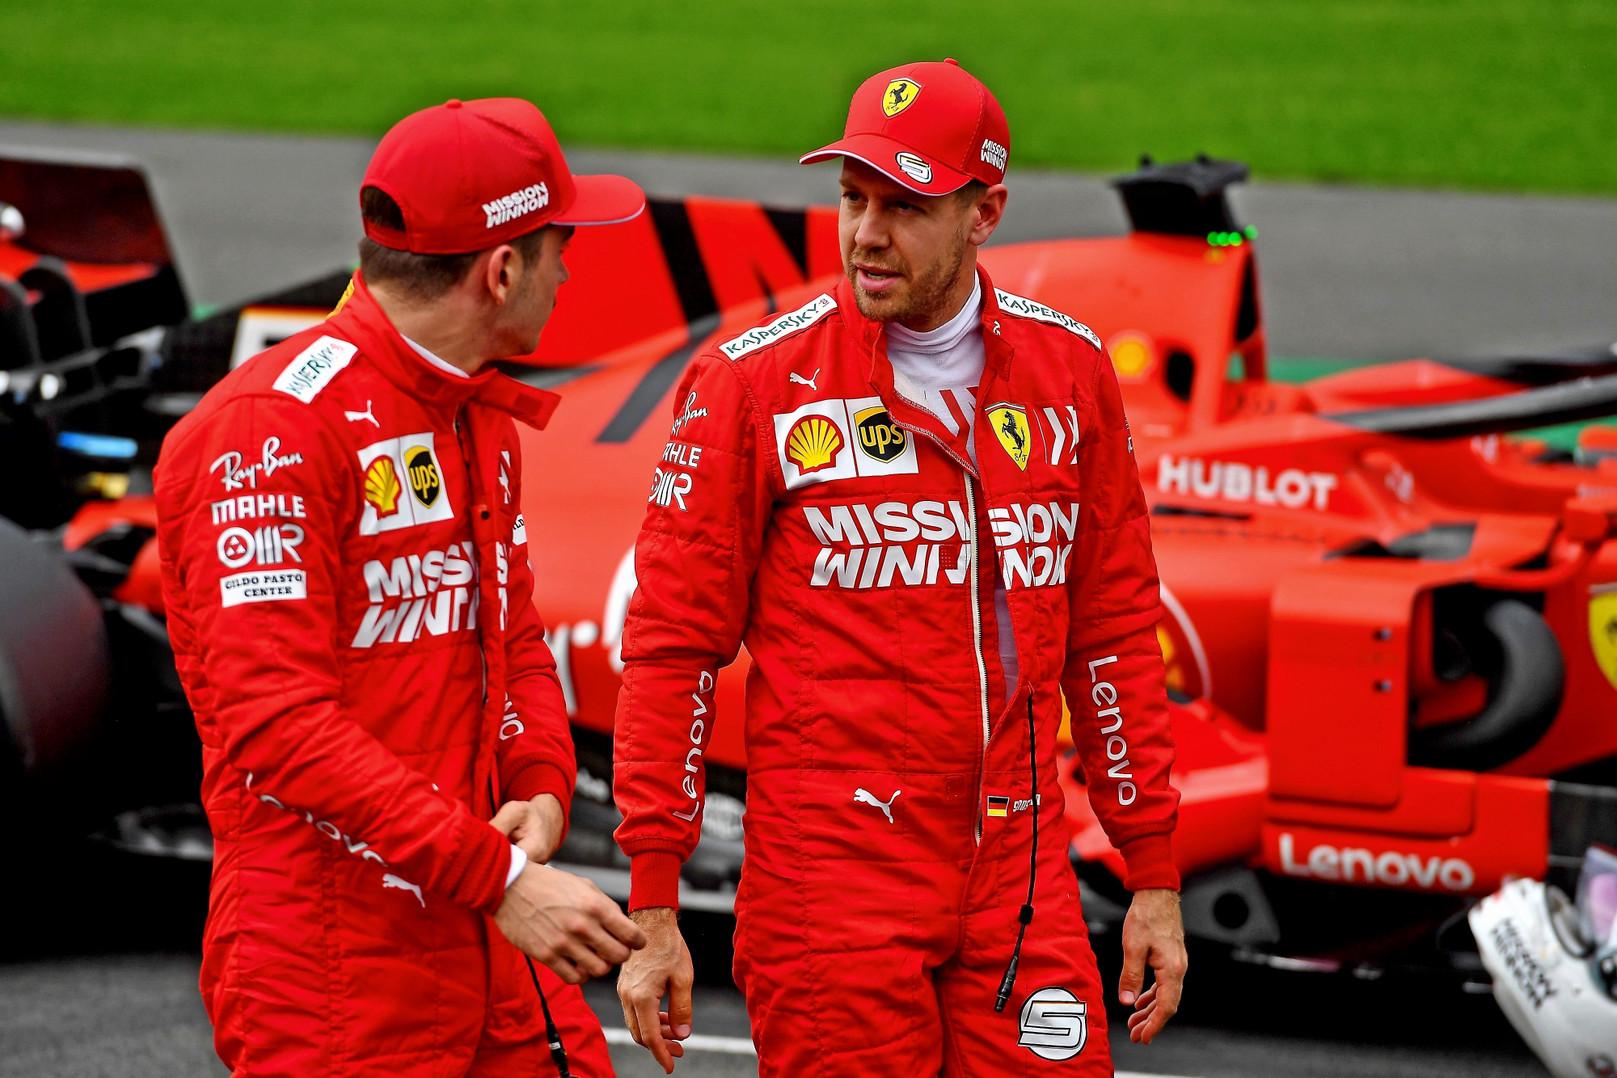 C. Leclercas: S. Vettelis žino, kad jam nereikėjo sukti į kairę